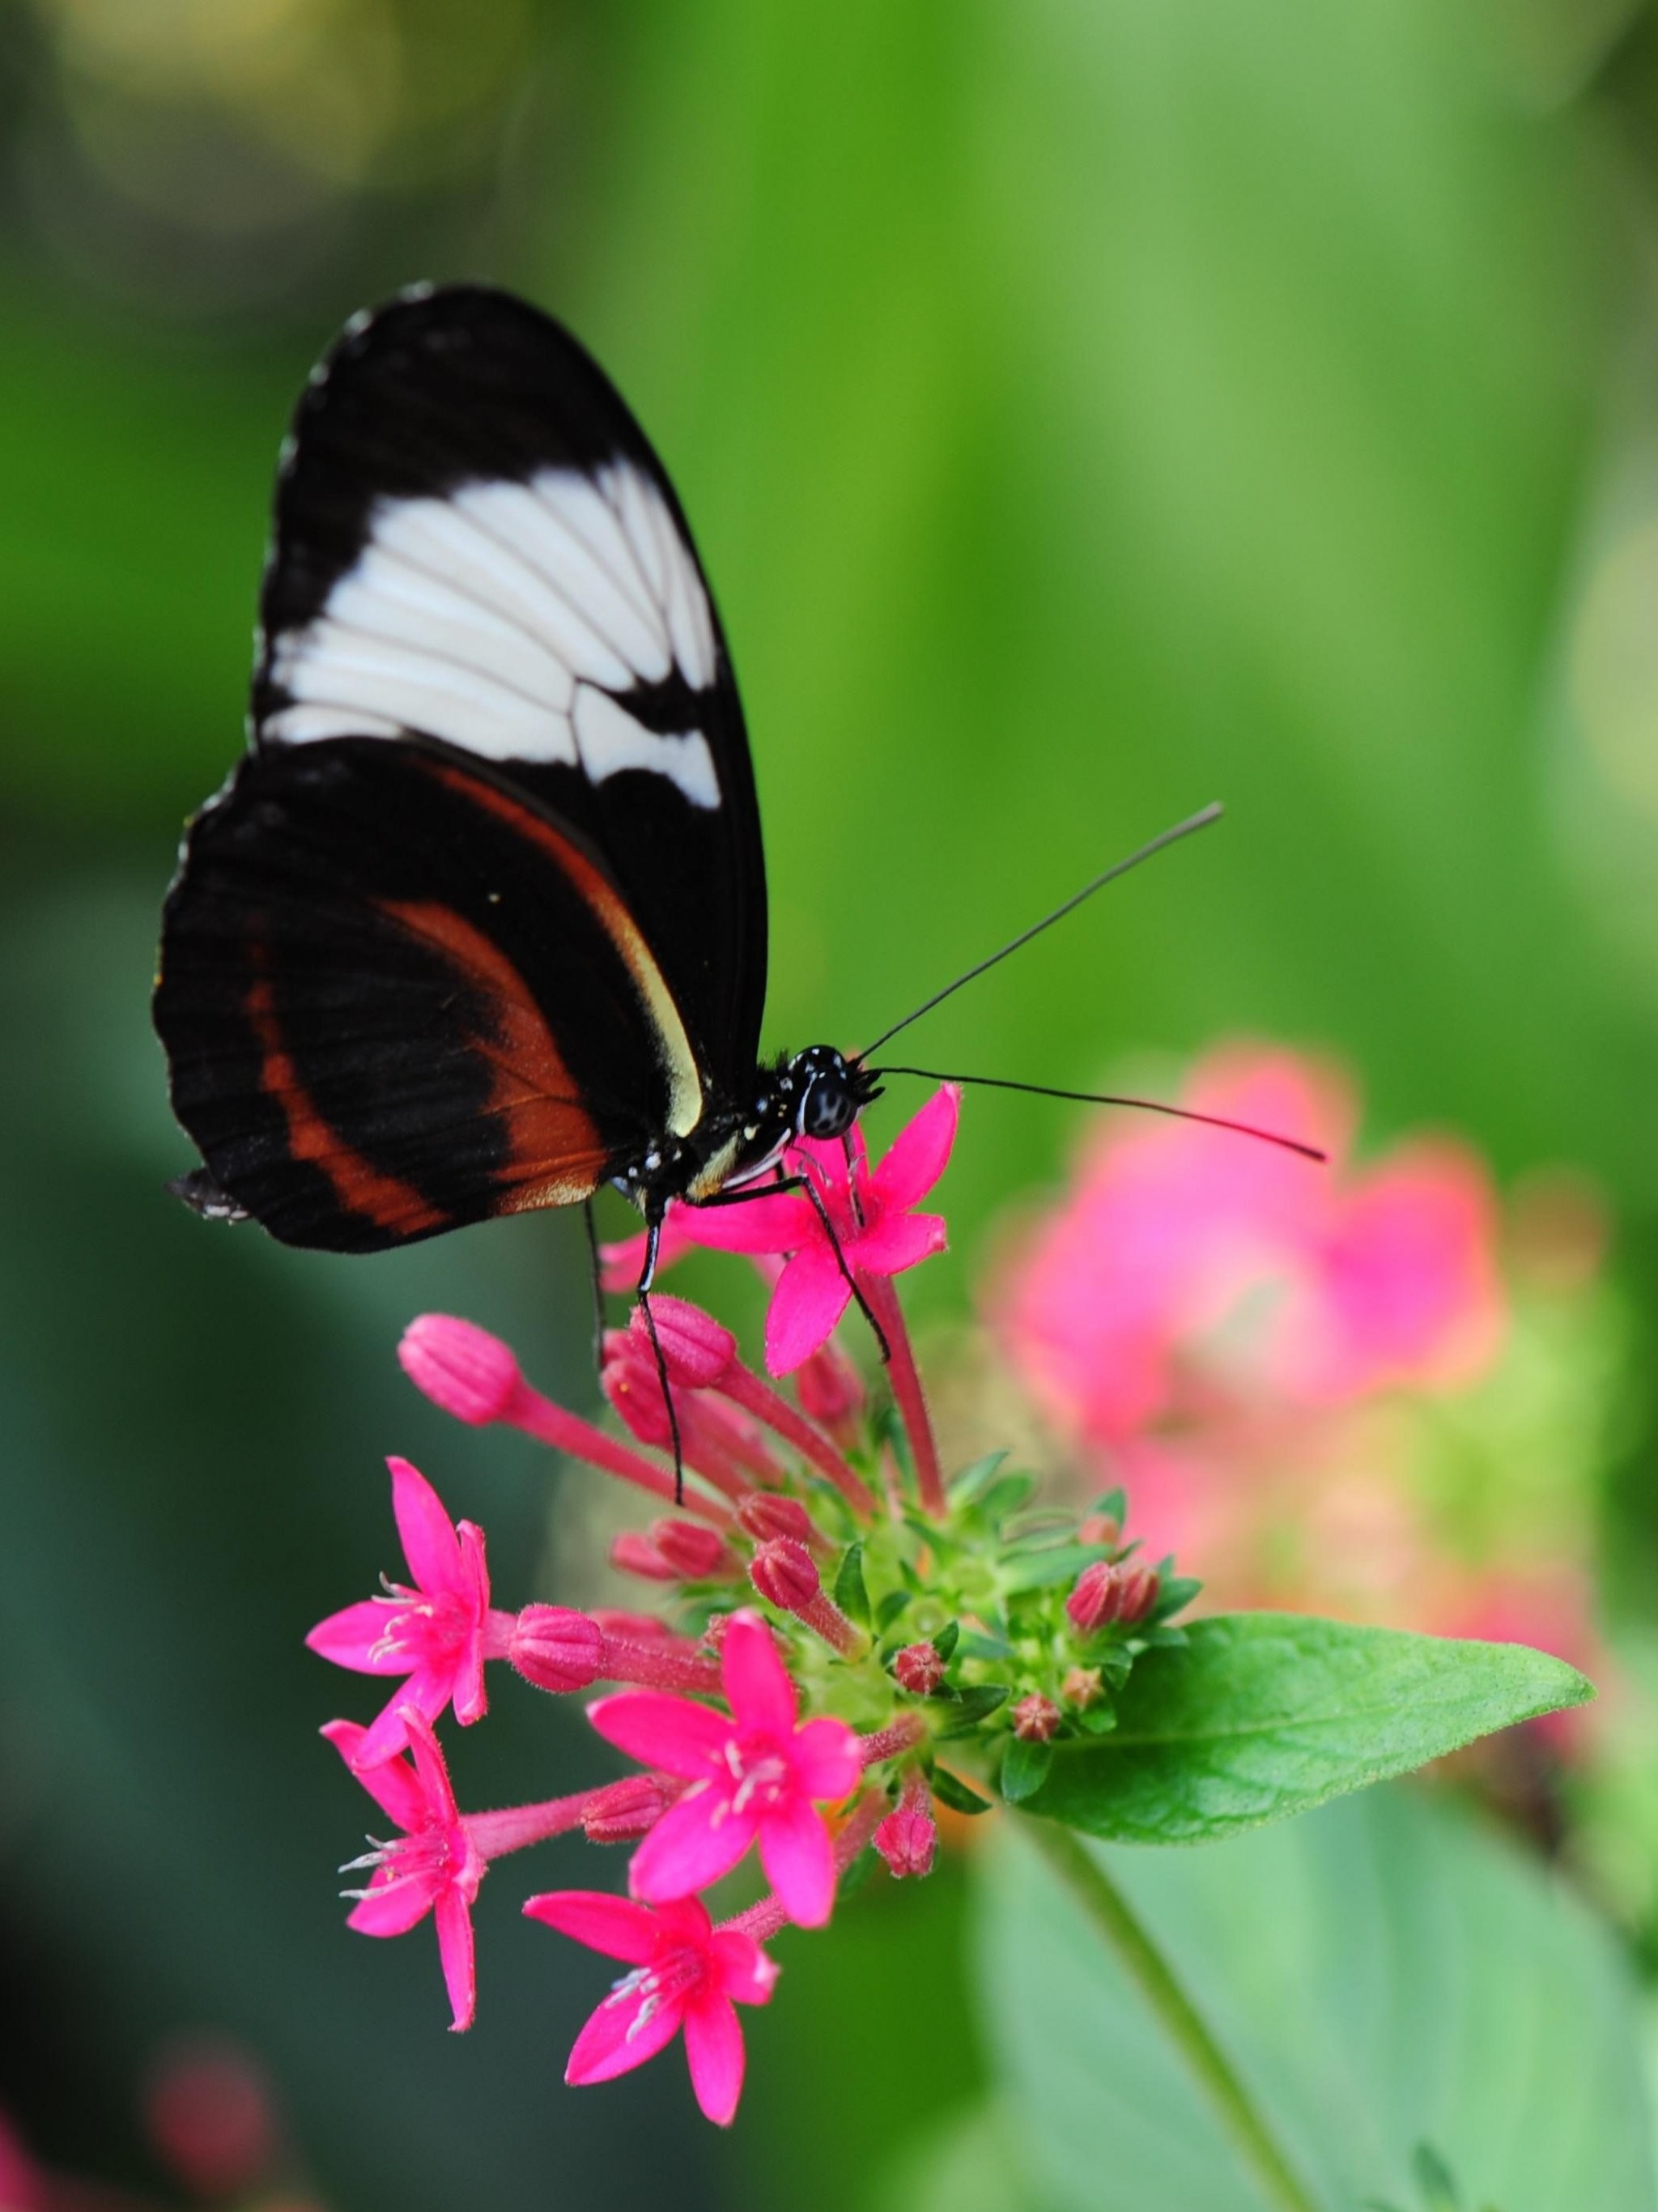 Pretty Butterfly Wallpaper